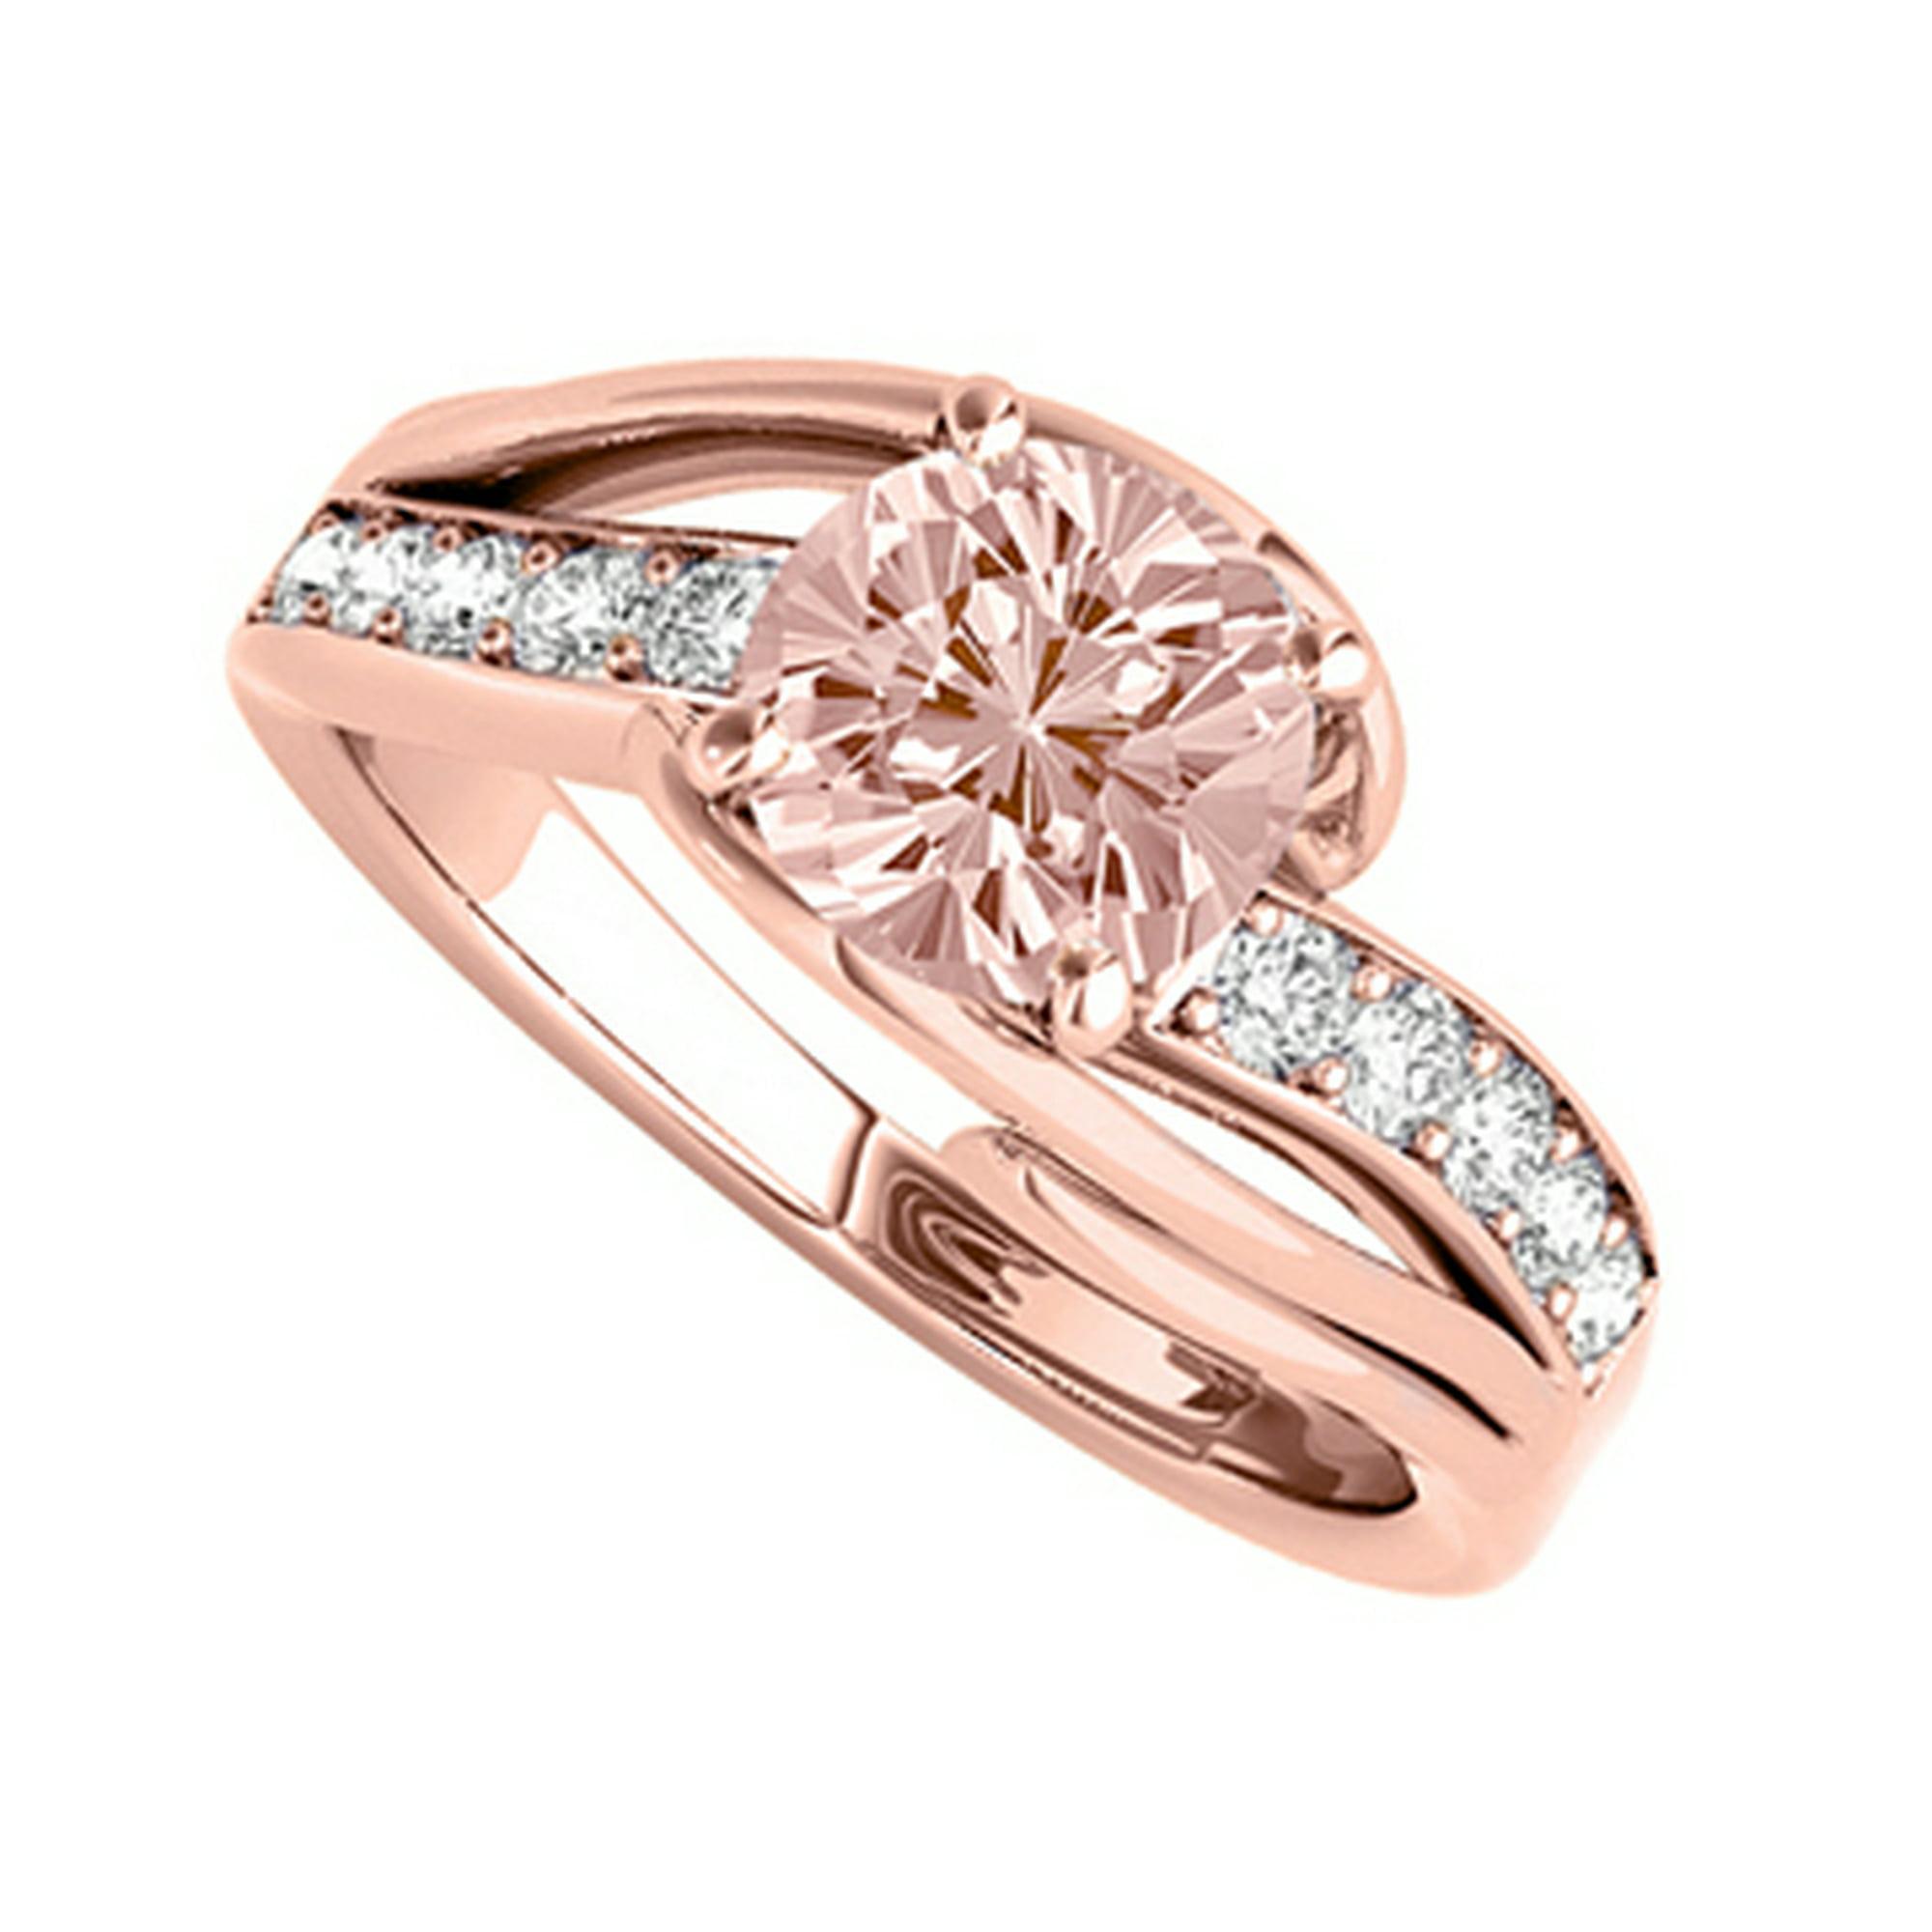 5432d4b9b9f8e Split Shank Morganite CZ Ring in 14K Rose Gold Vermeil